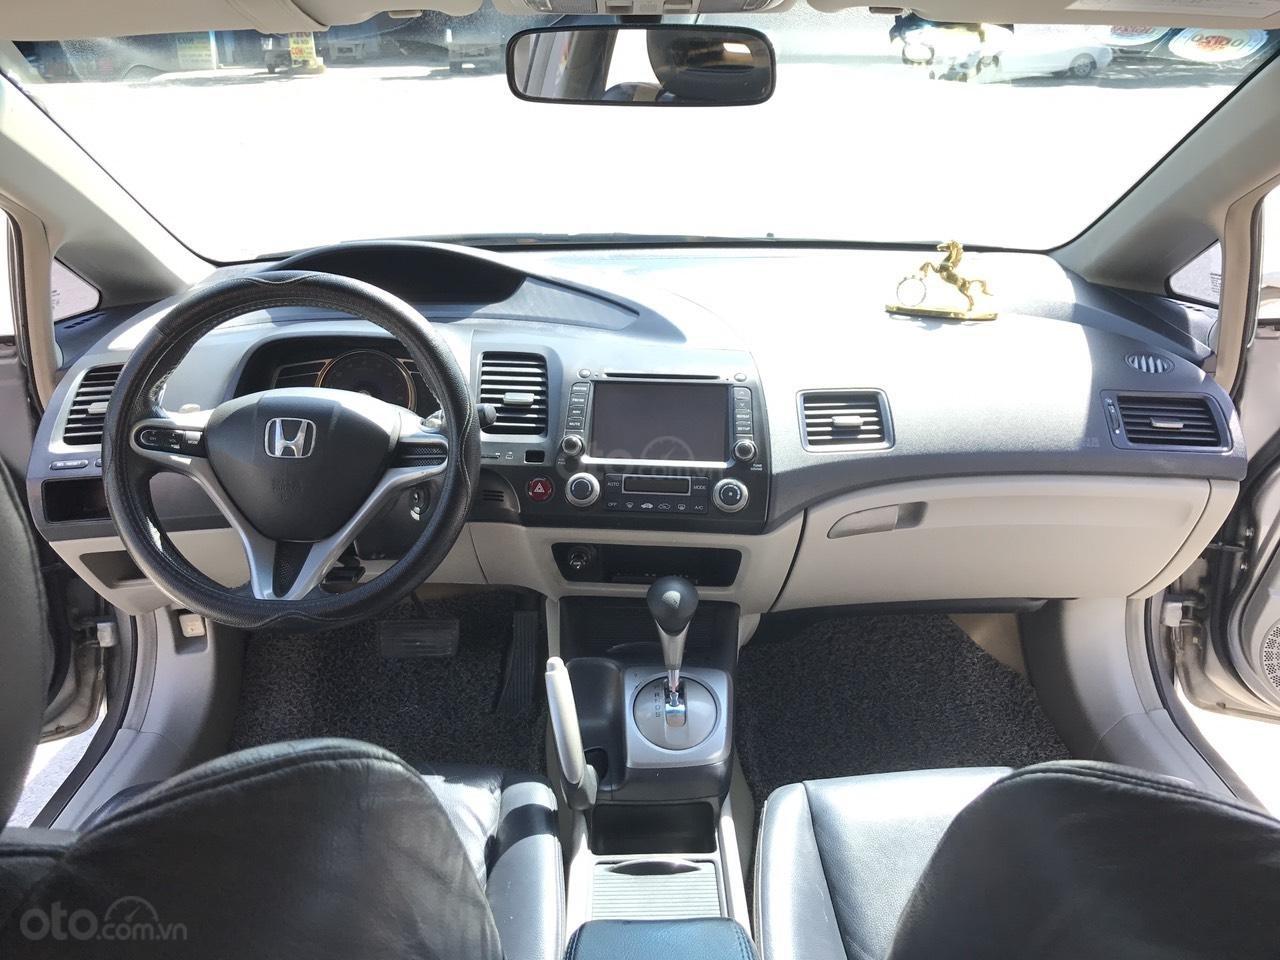 Bán xe Honda Civic 2.0AT 2008, màu xám (ghi), full đồ chơi 30 triệu, công nhận mới (5)